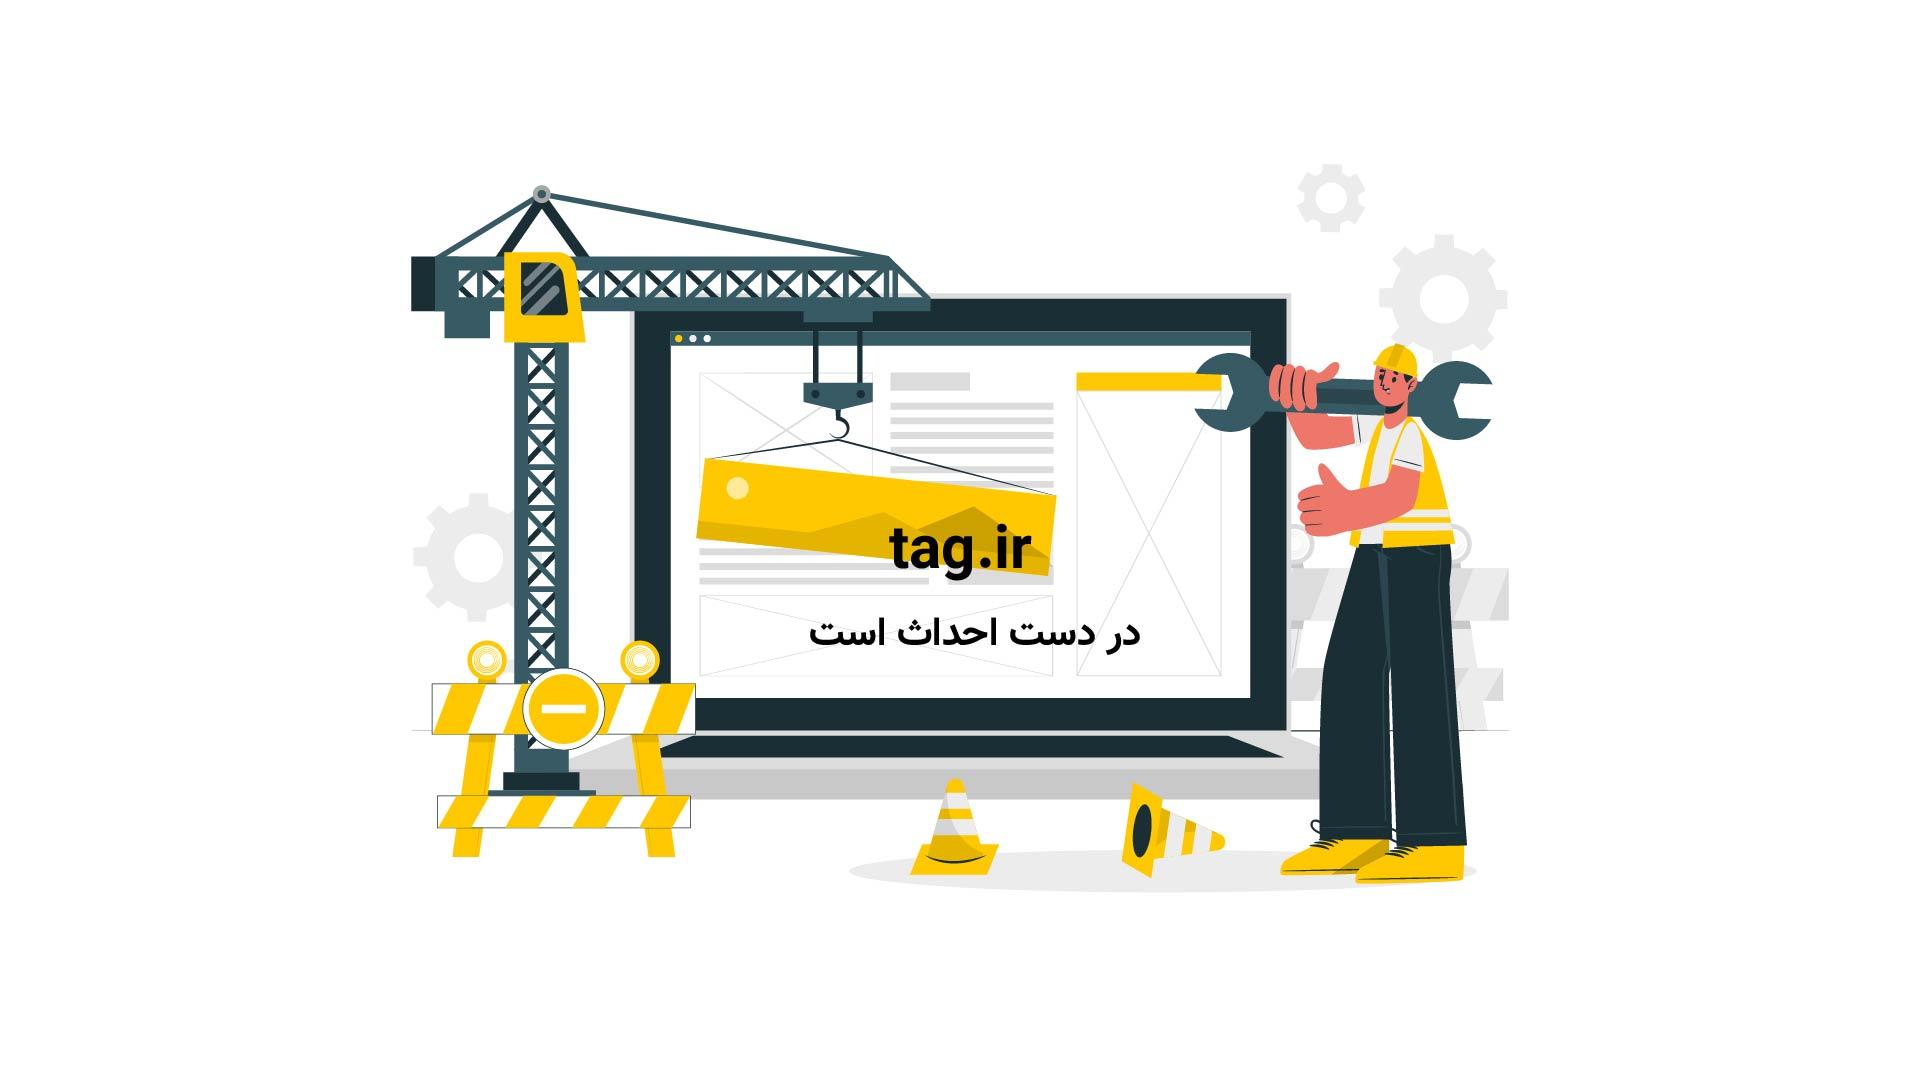 انیمیشن دنیای حیوانات؛ این قسمت در جستجوی مادر | فیلم